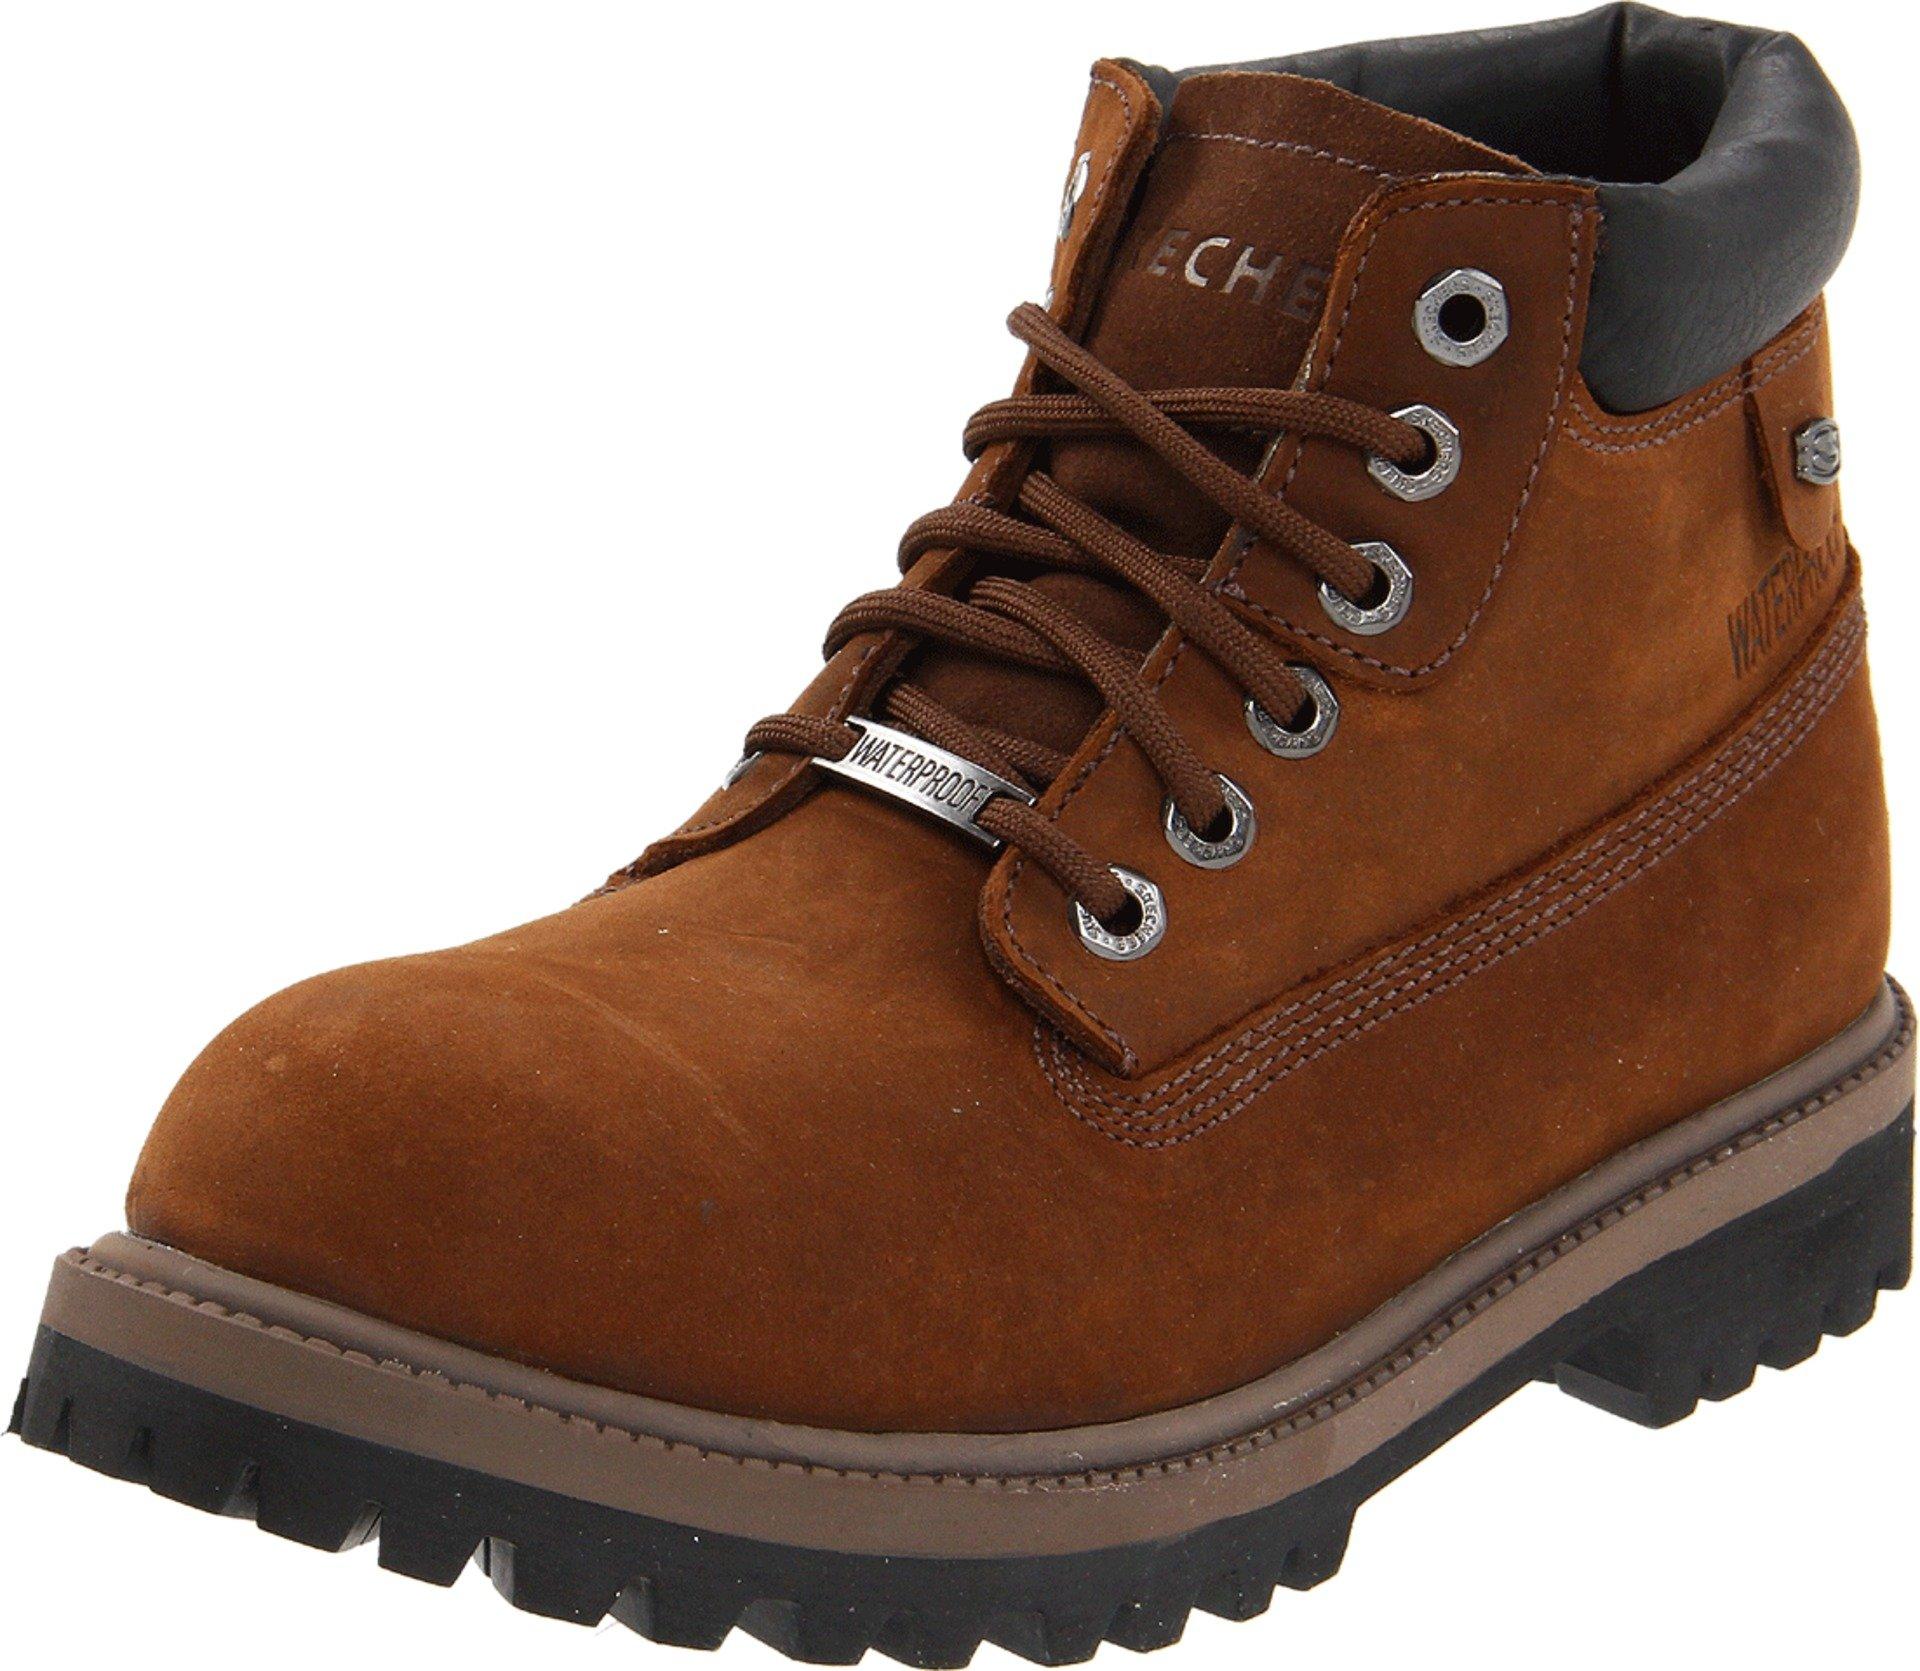 Skechers USA Men's Verdict Men's Boot